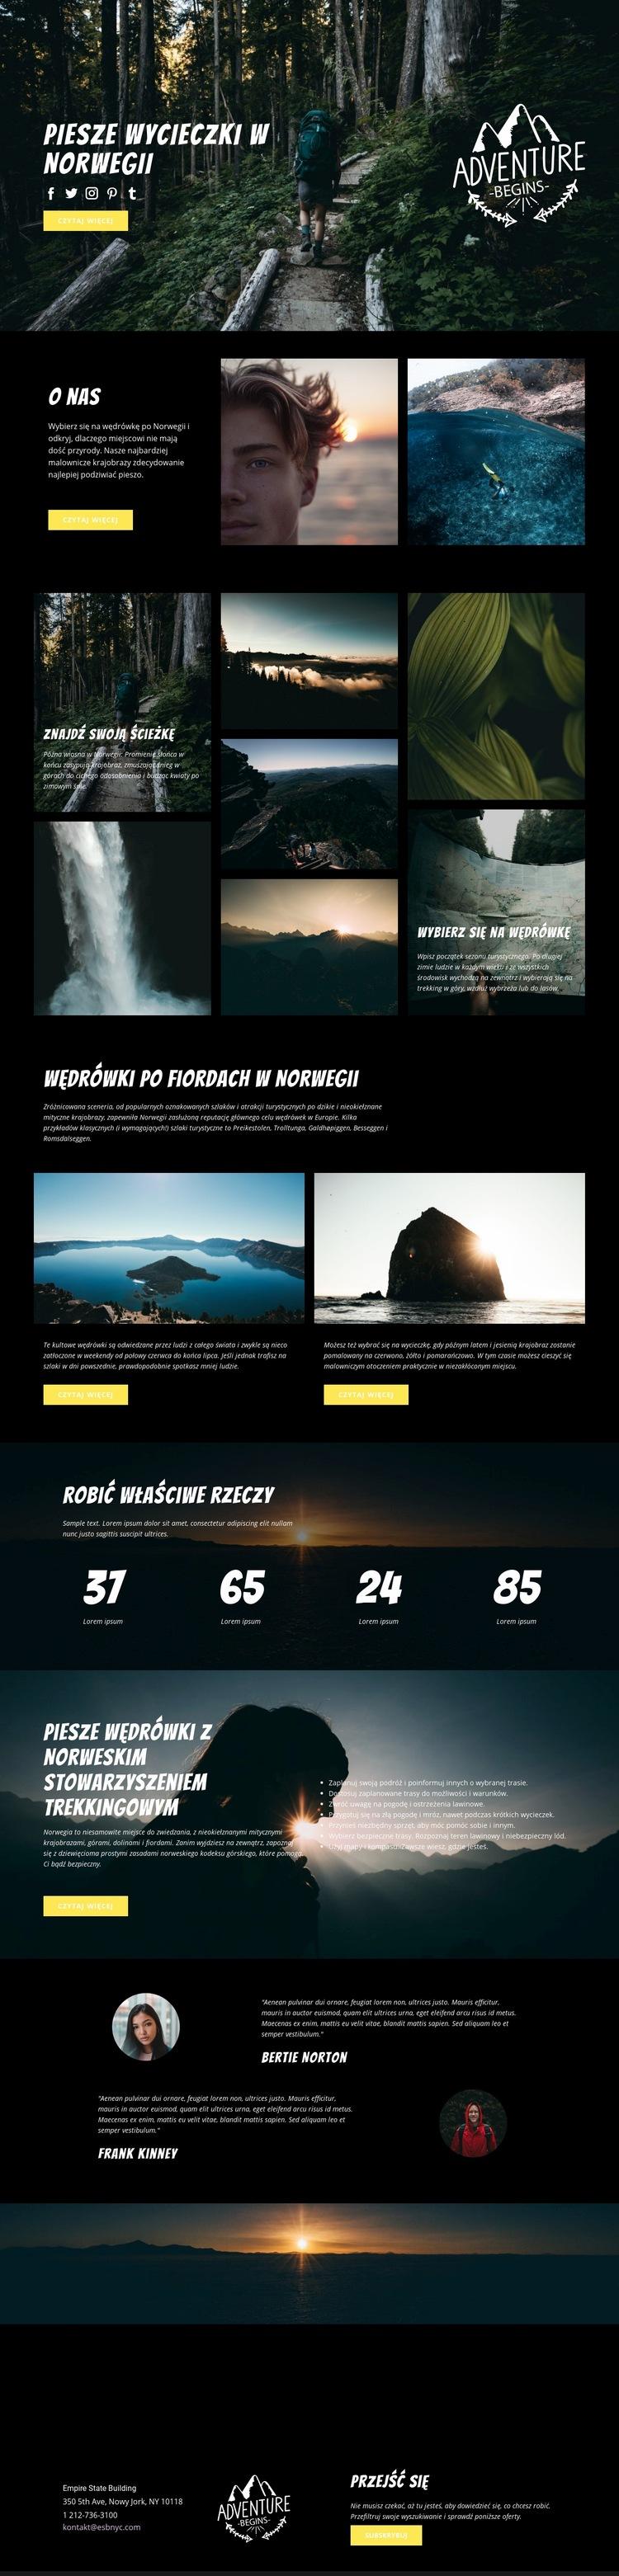 Norwegia Szablon witryny sieci Web